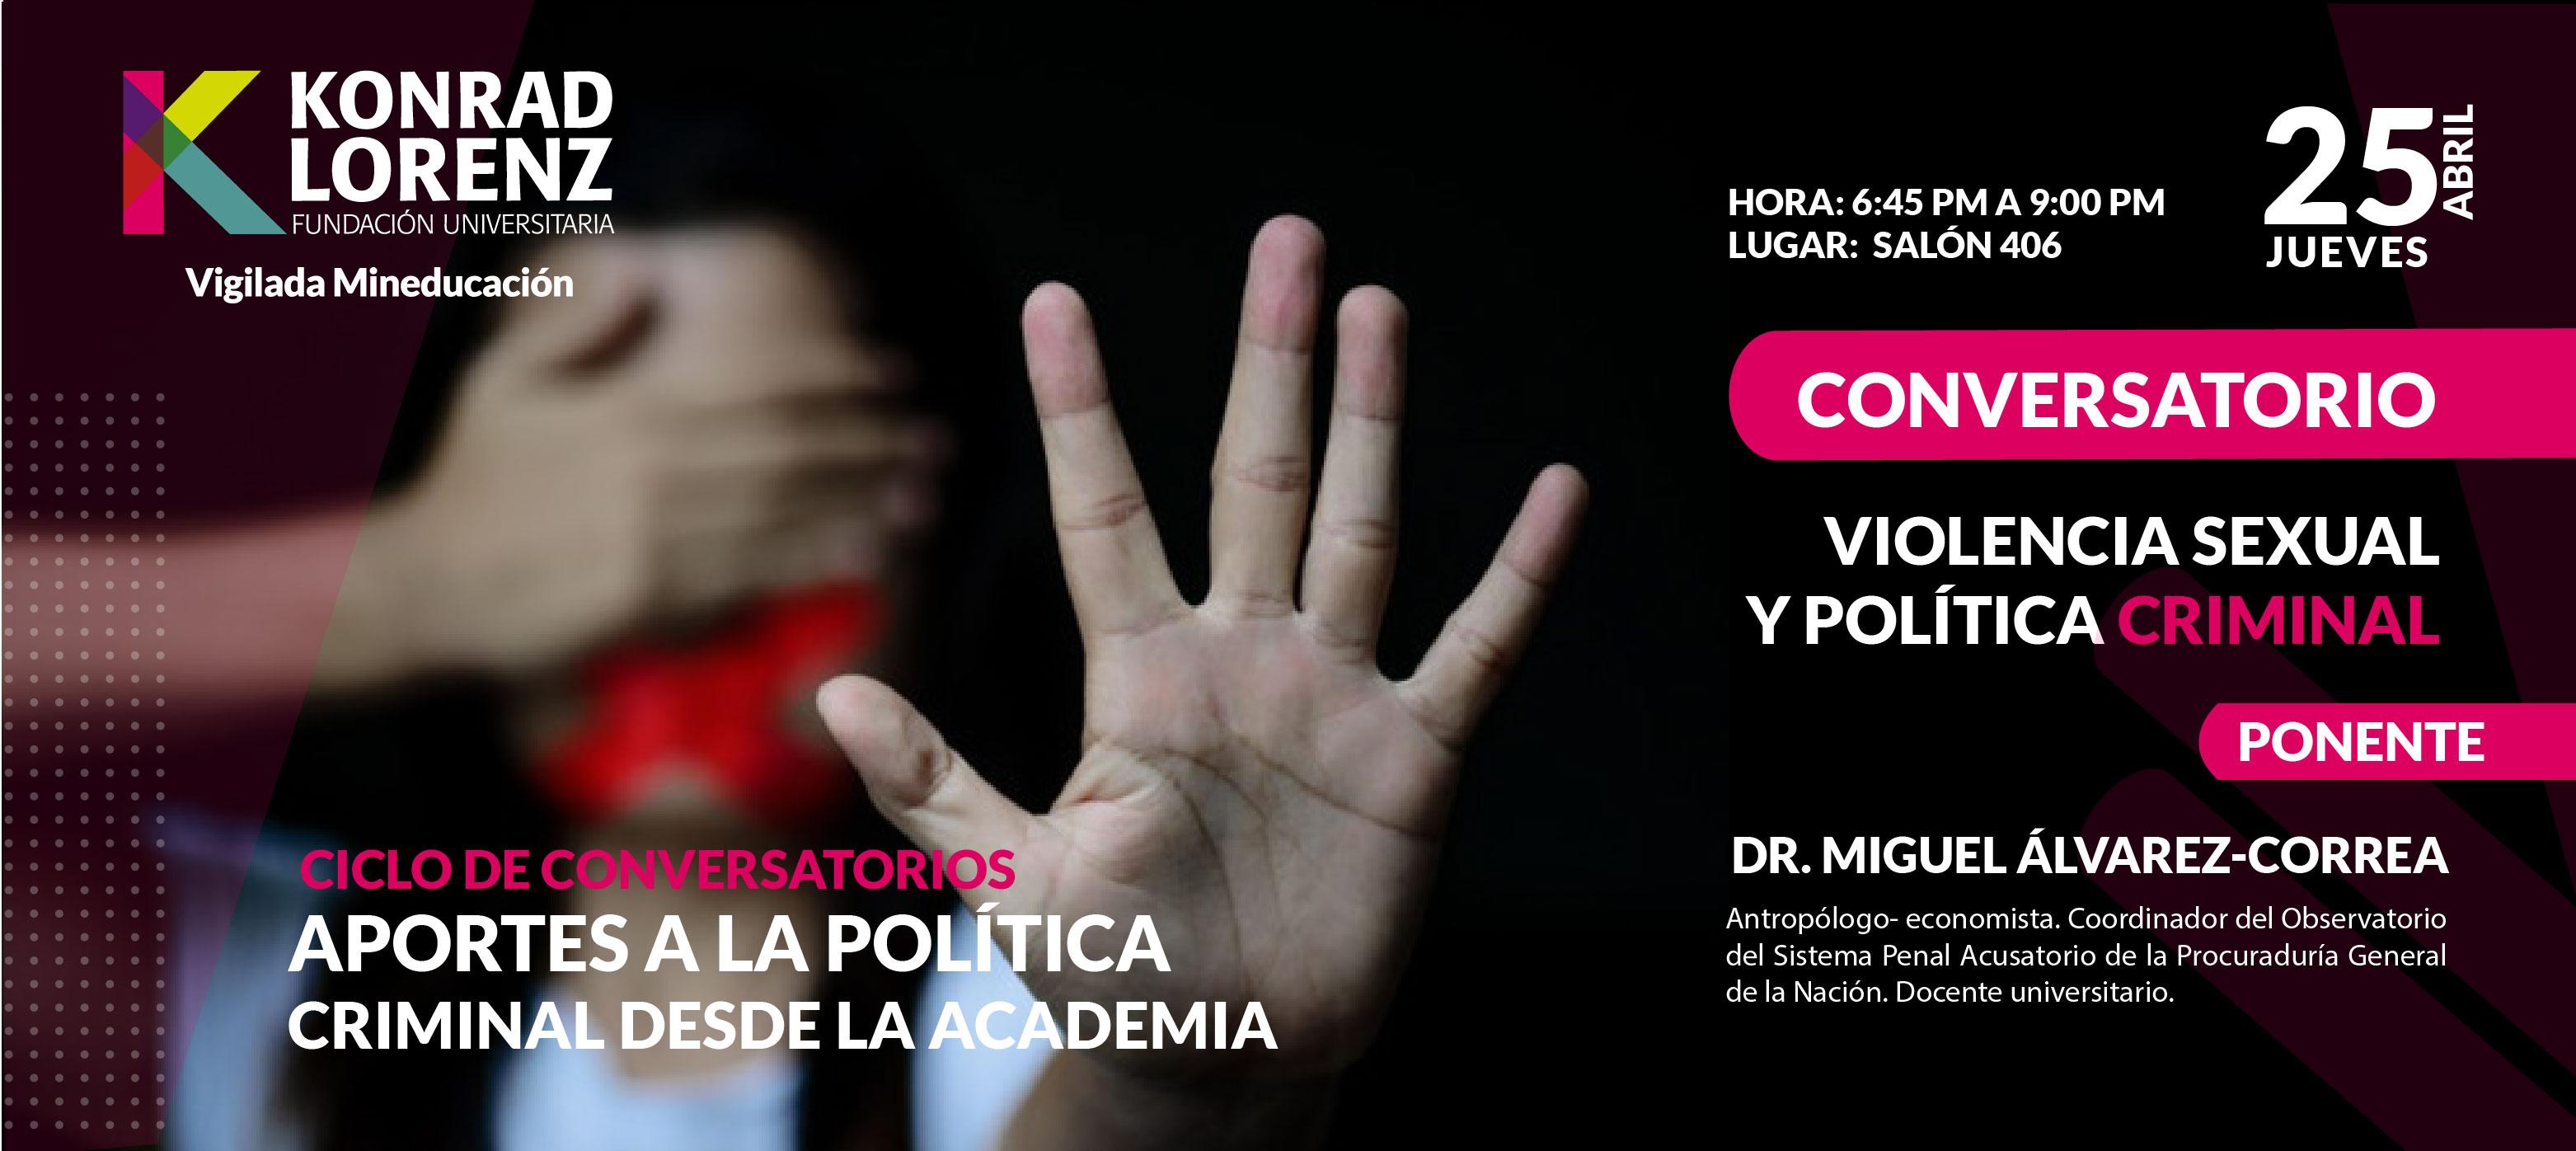 Violencia sexual y política criminal | Segundo conversatorio